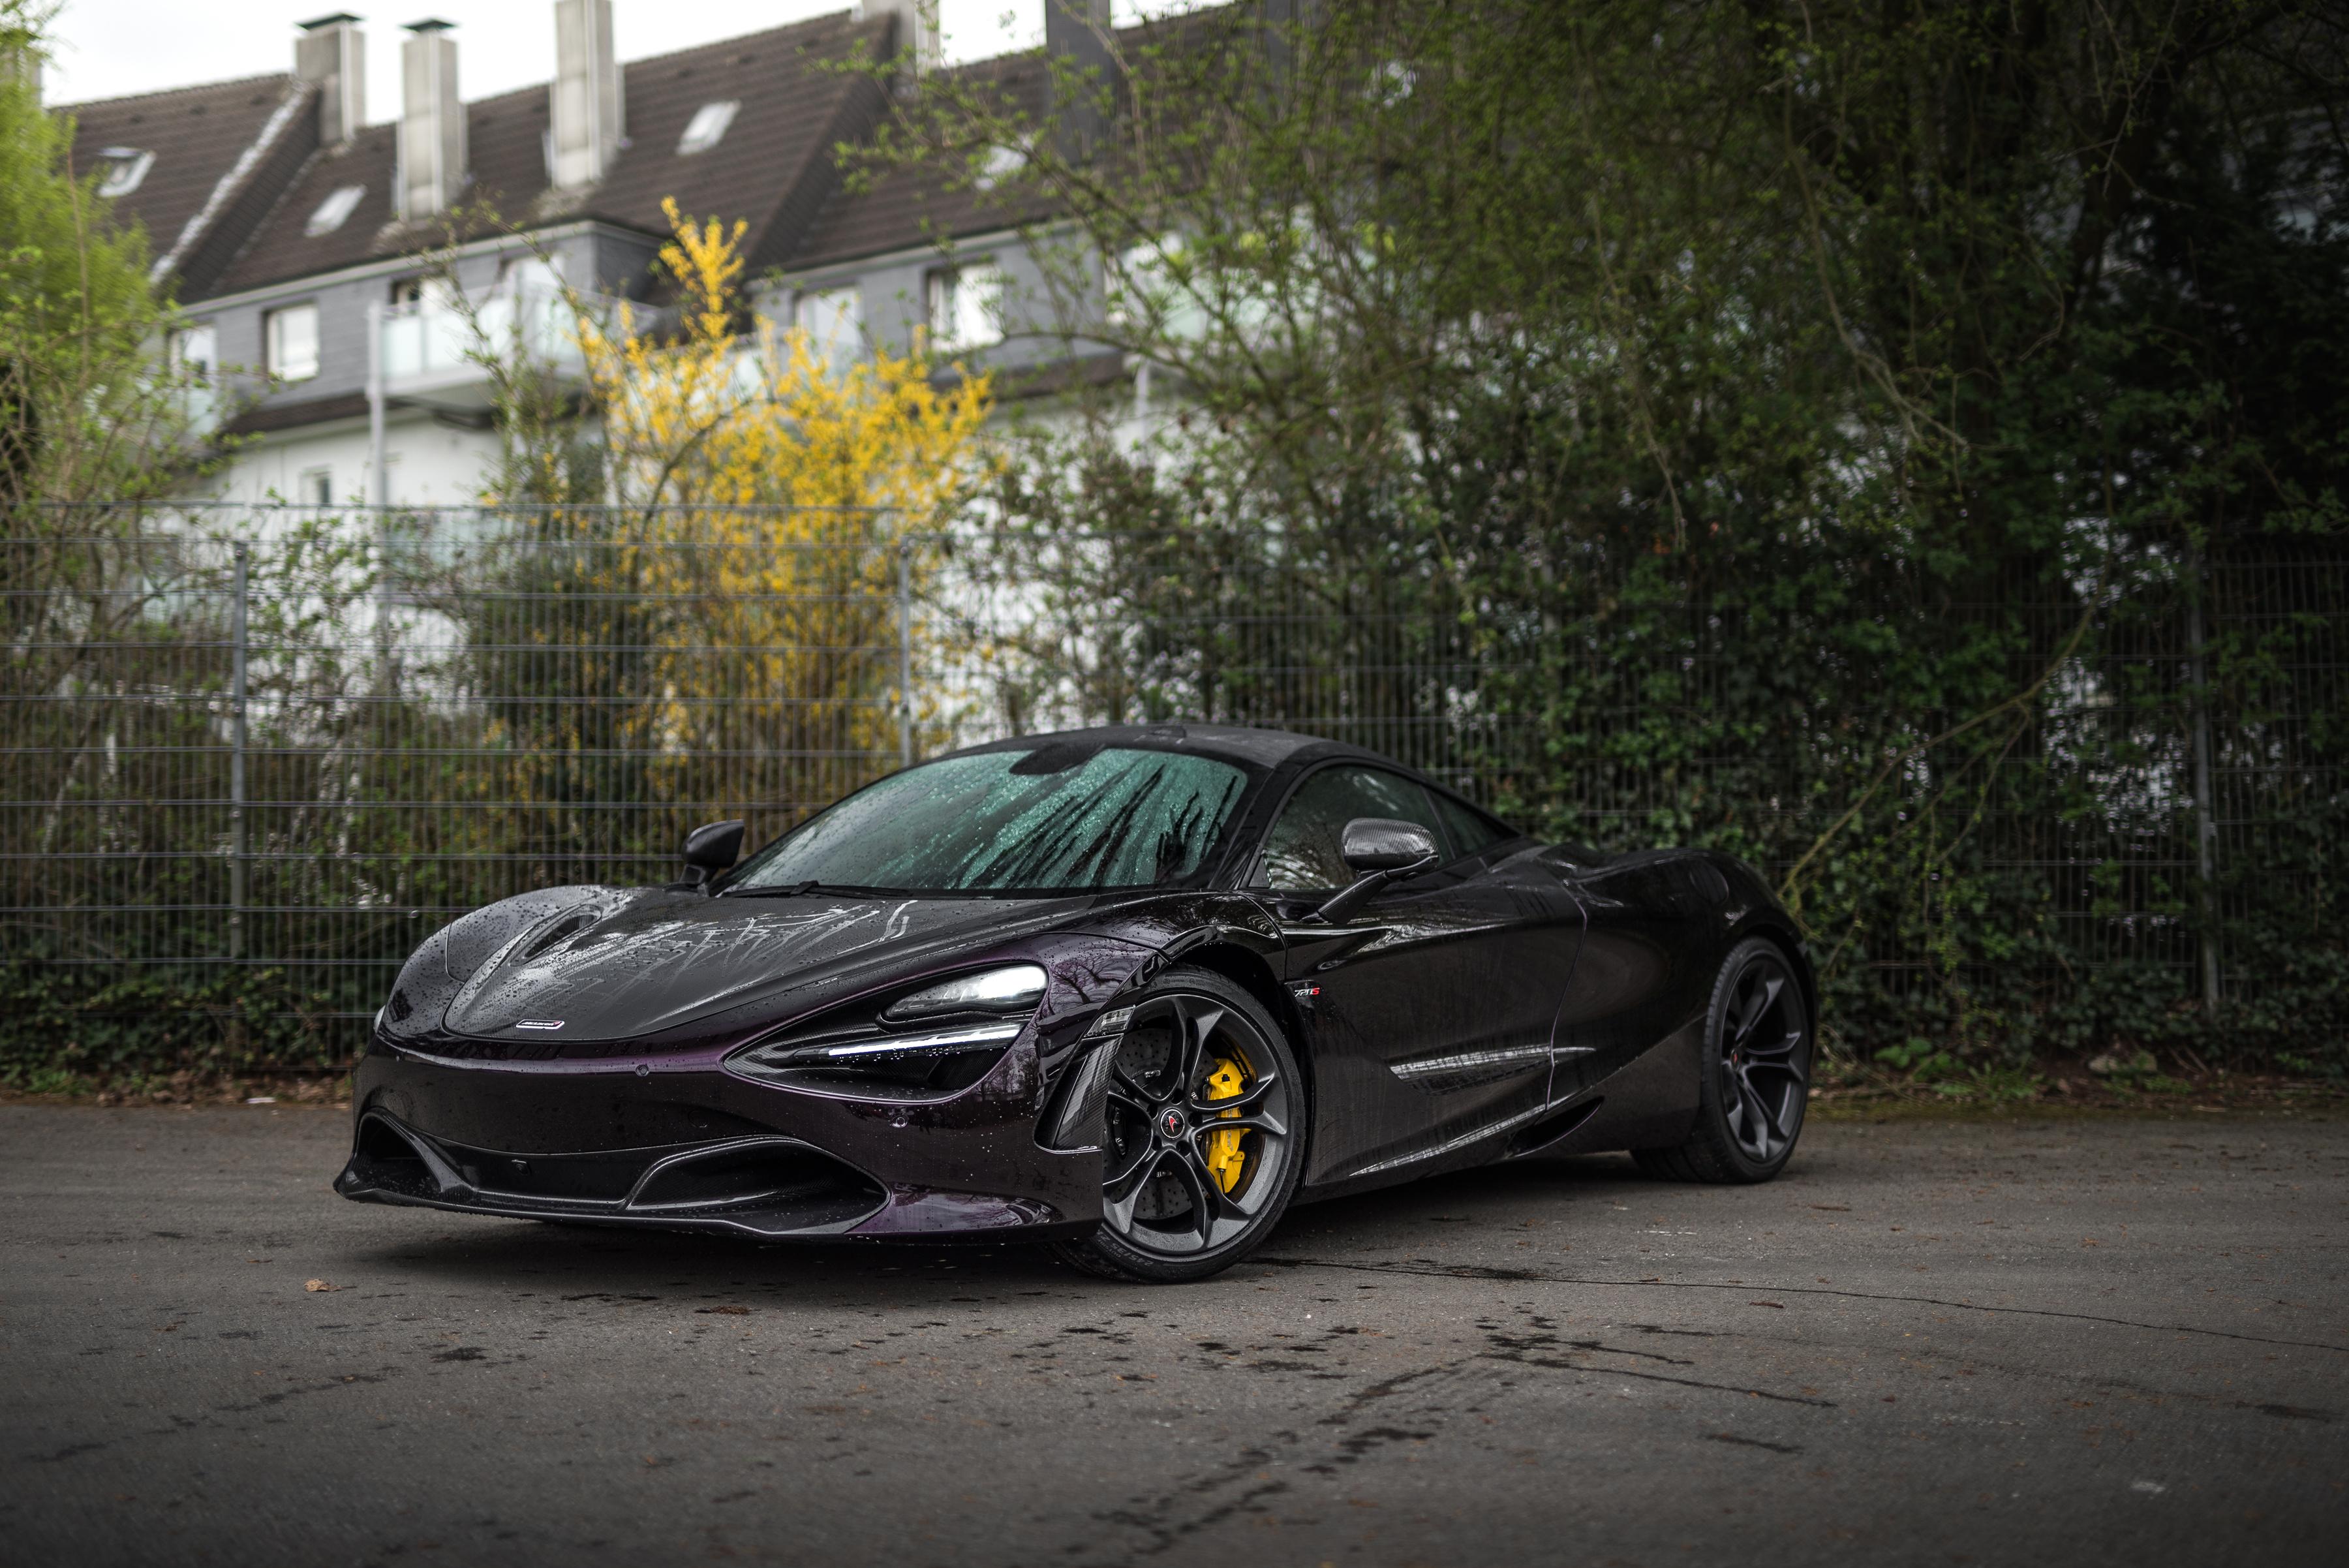 Фотография 2018-20 Manhart McLaren 720S Черный машина Металлик 3600x2403 Макларен черная черные черных авто машины Автомобили автомобиль